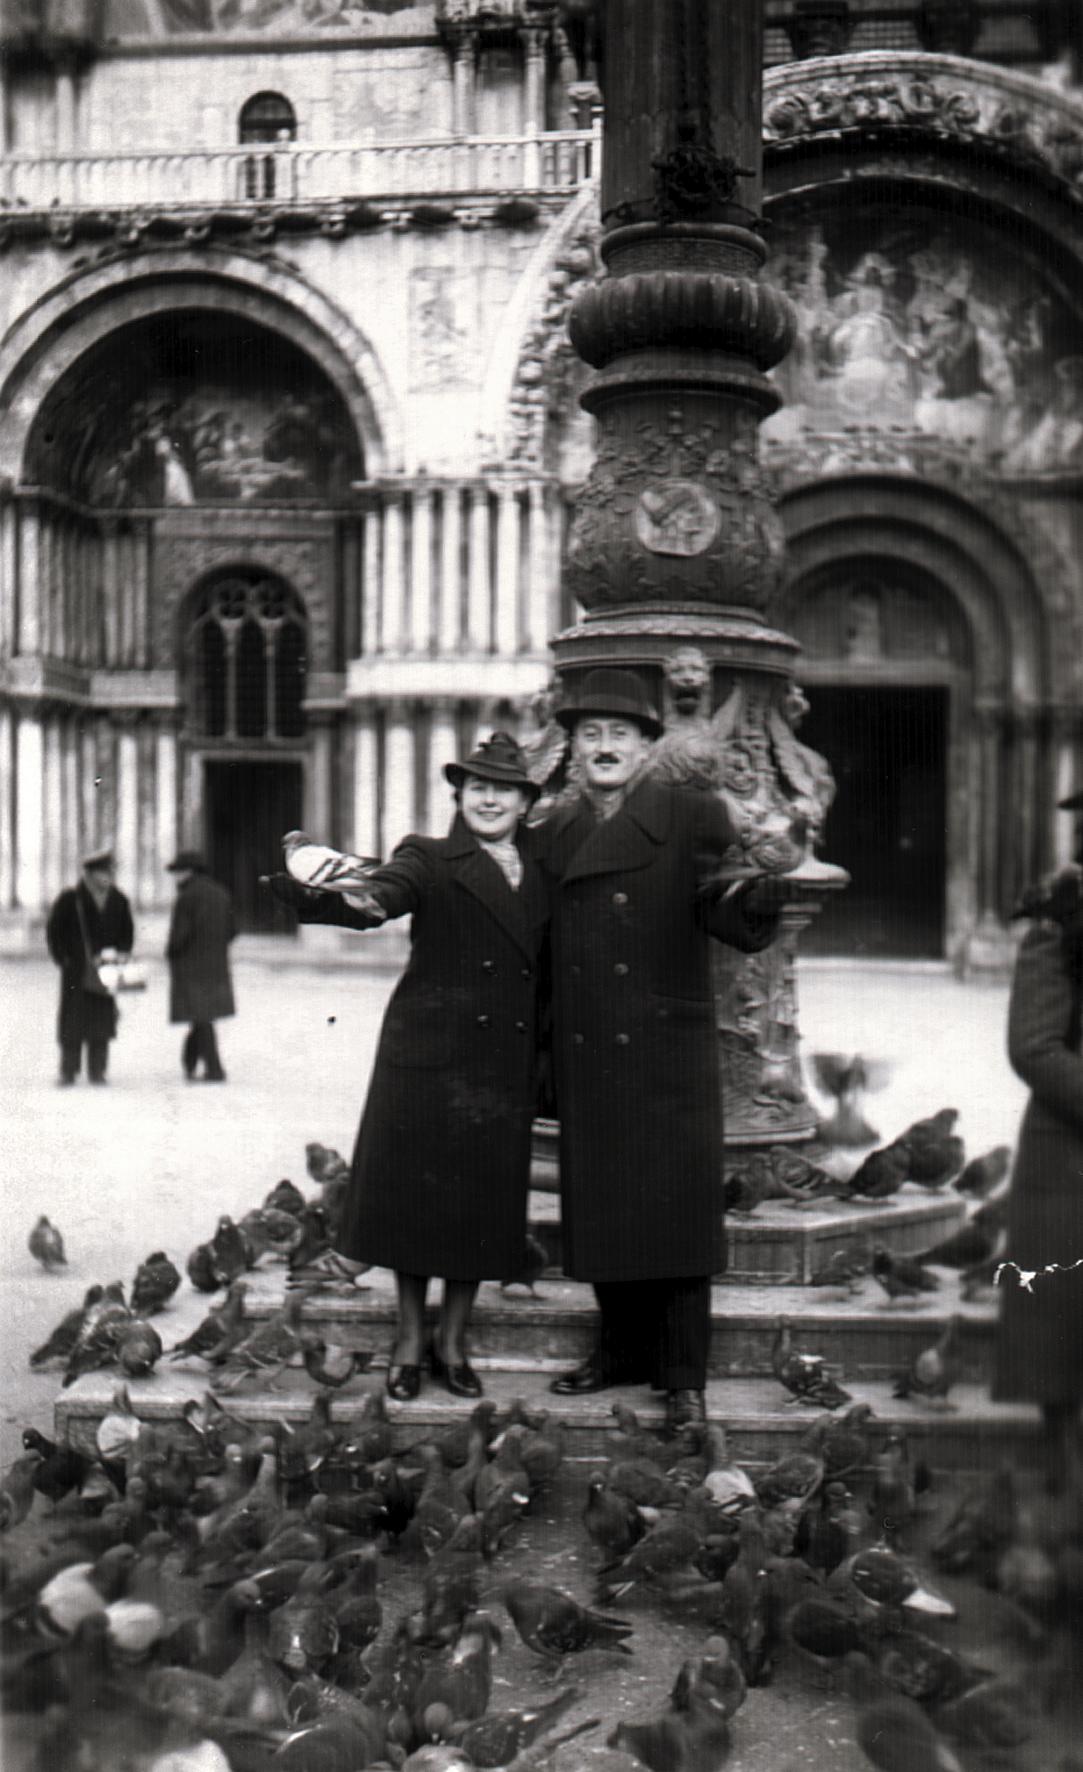 Pista and Maria Preisz in Venice